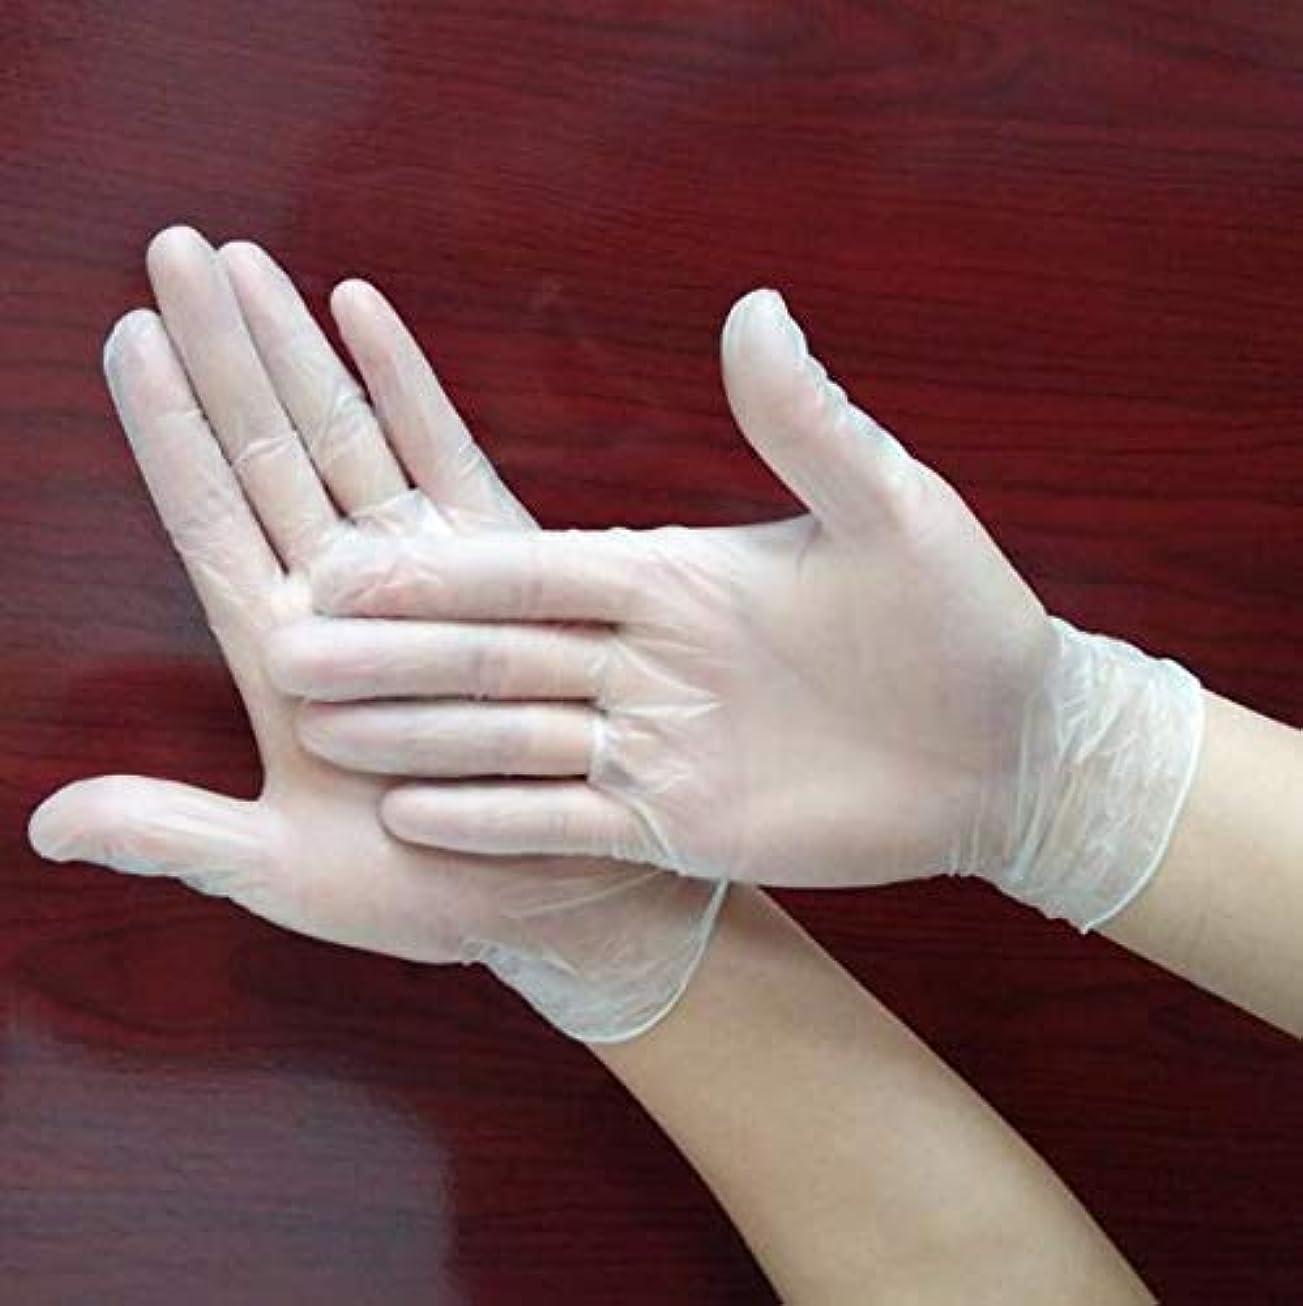 ブリリアント人差し指哺乳類ハッピー 使い捨てPVC手袋 ベルテプラテ 使い捨て手袋 PVCグローブ 粉なし パウダーフリー 左右兼用 (M)